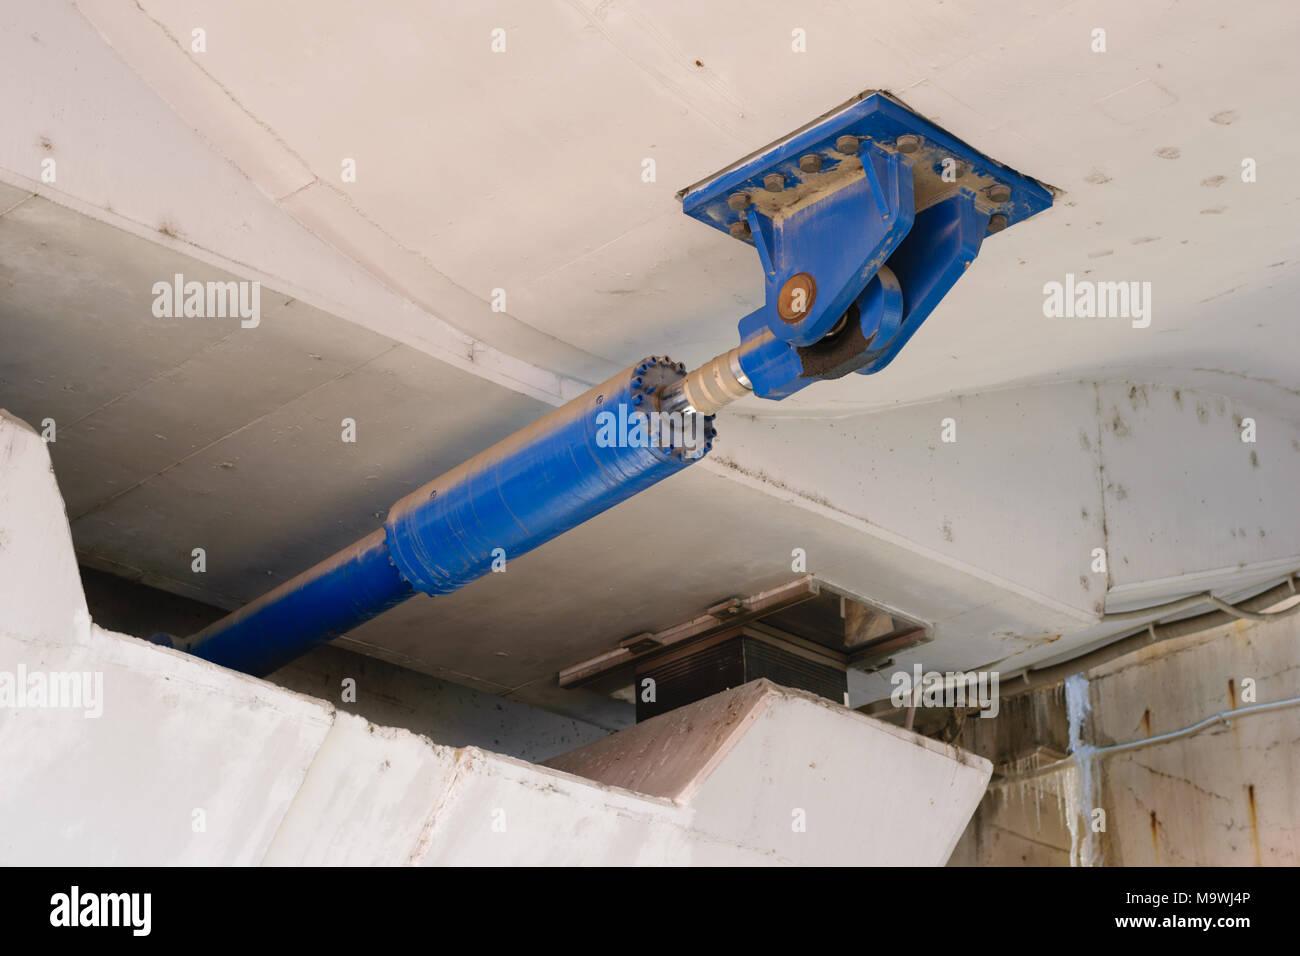 Sous le pont amortisseur hydraulique massive utilisé pour dissiper les grandes quantités d'énergie qui résultent de chargement dynamique soudaine comme les tremblements de terre. Photo Stock